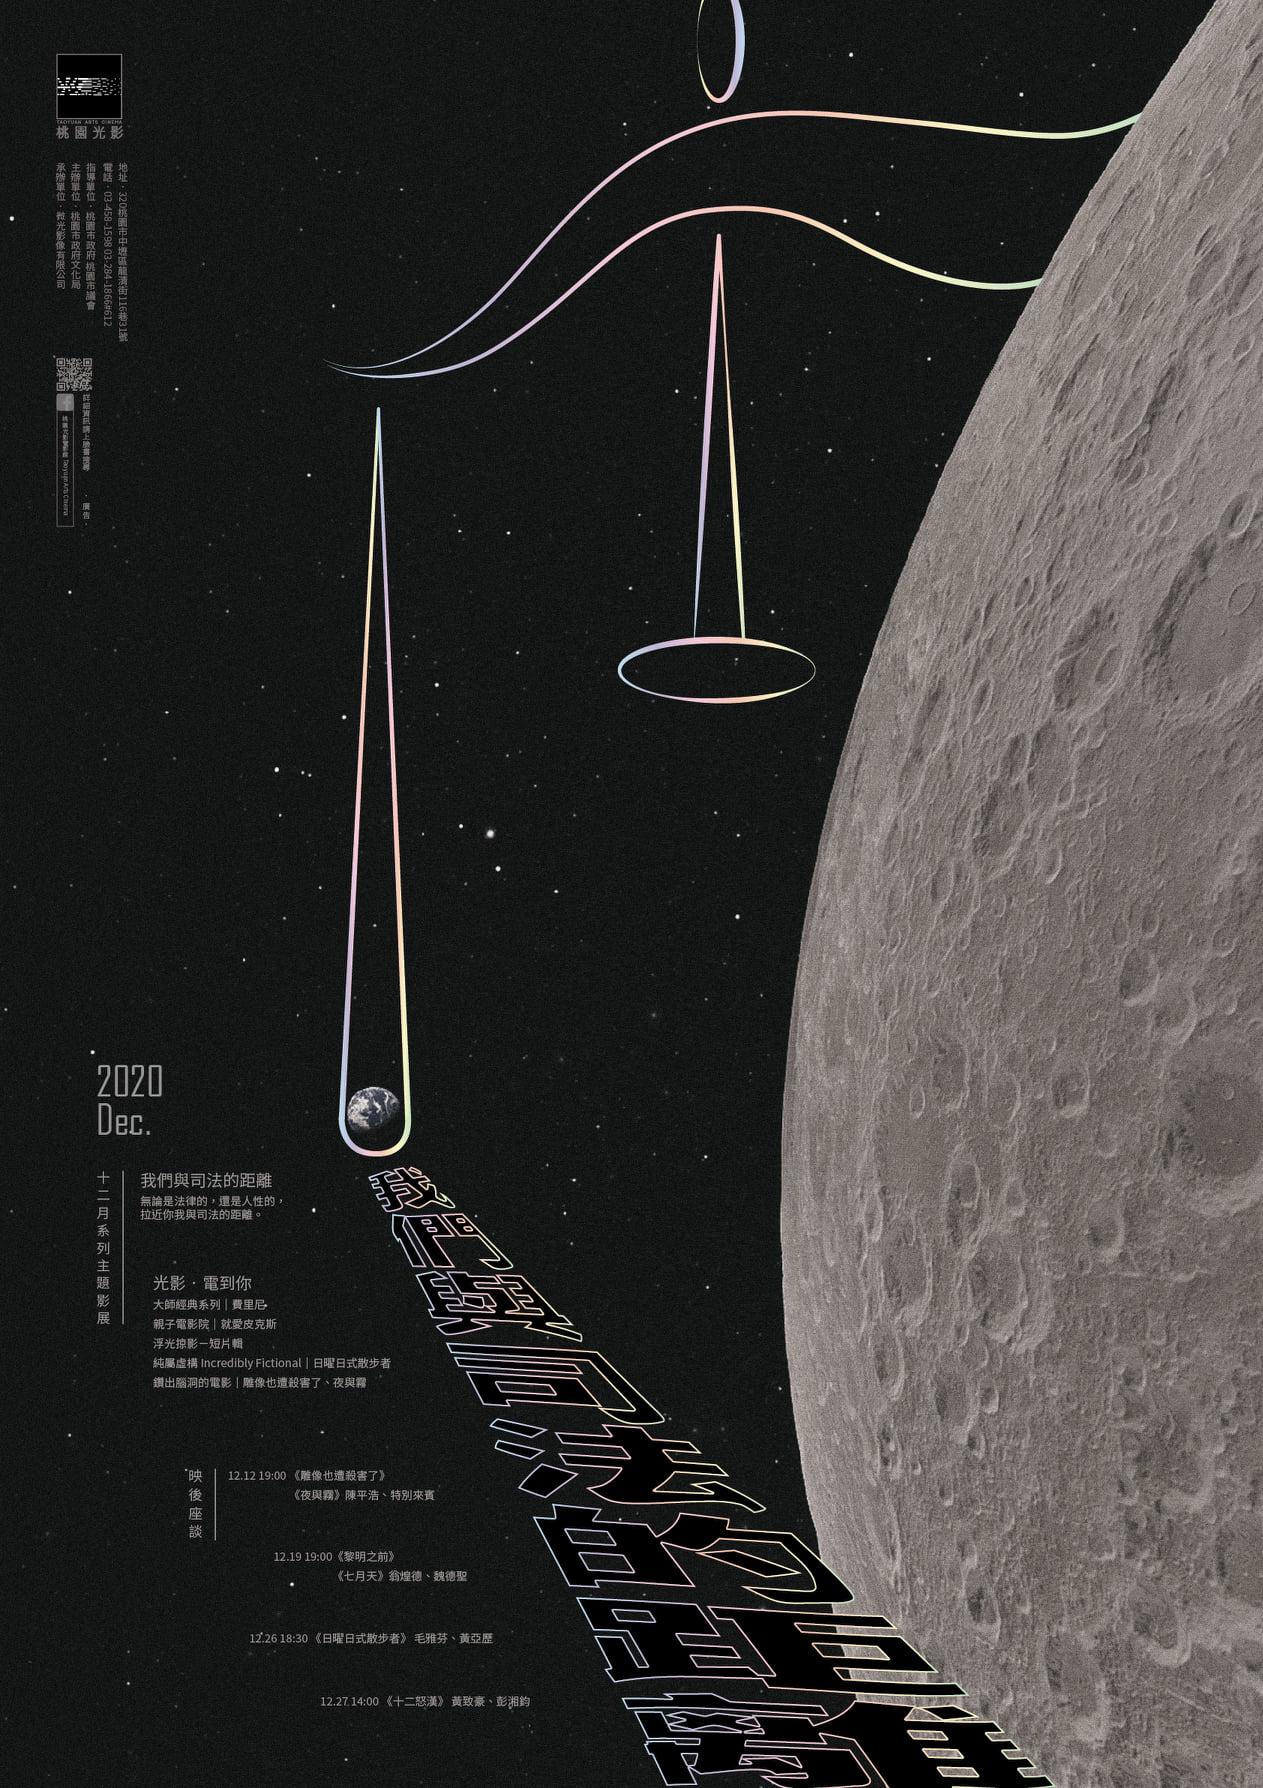 桃園光影電影館│2020年12月影展 ── 我們與司法的距離